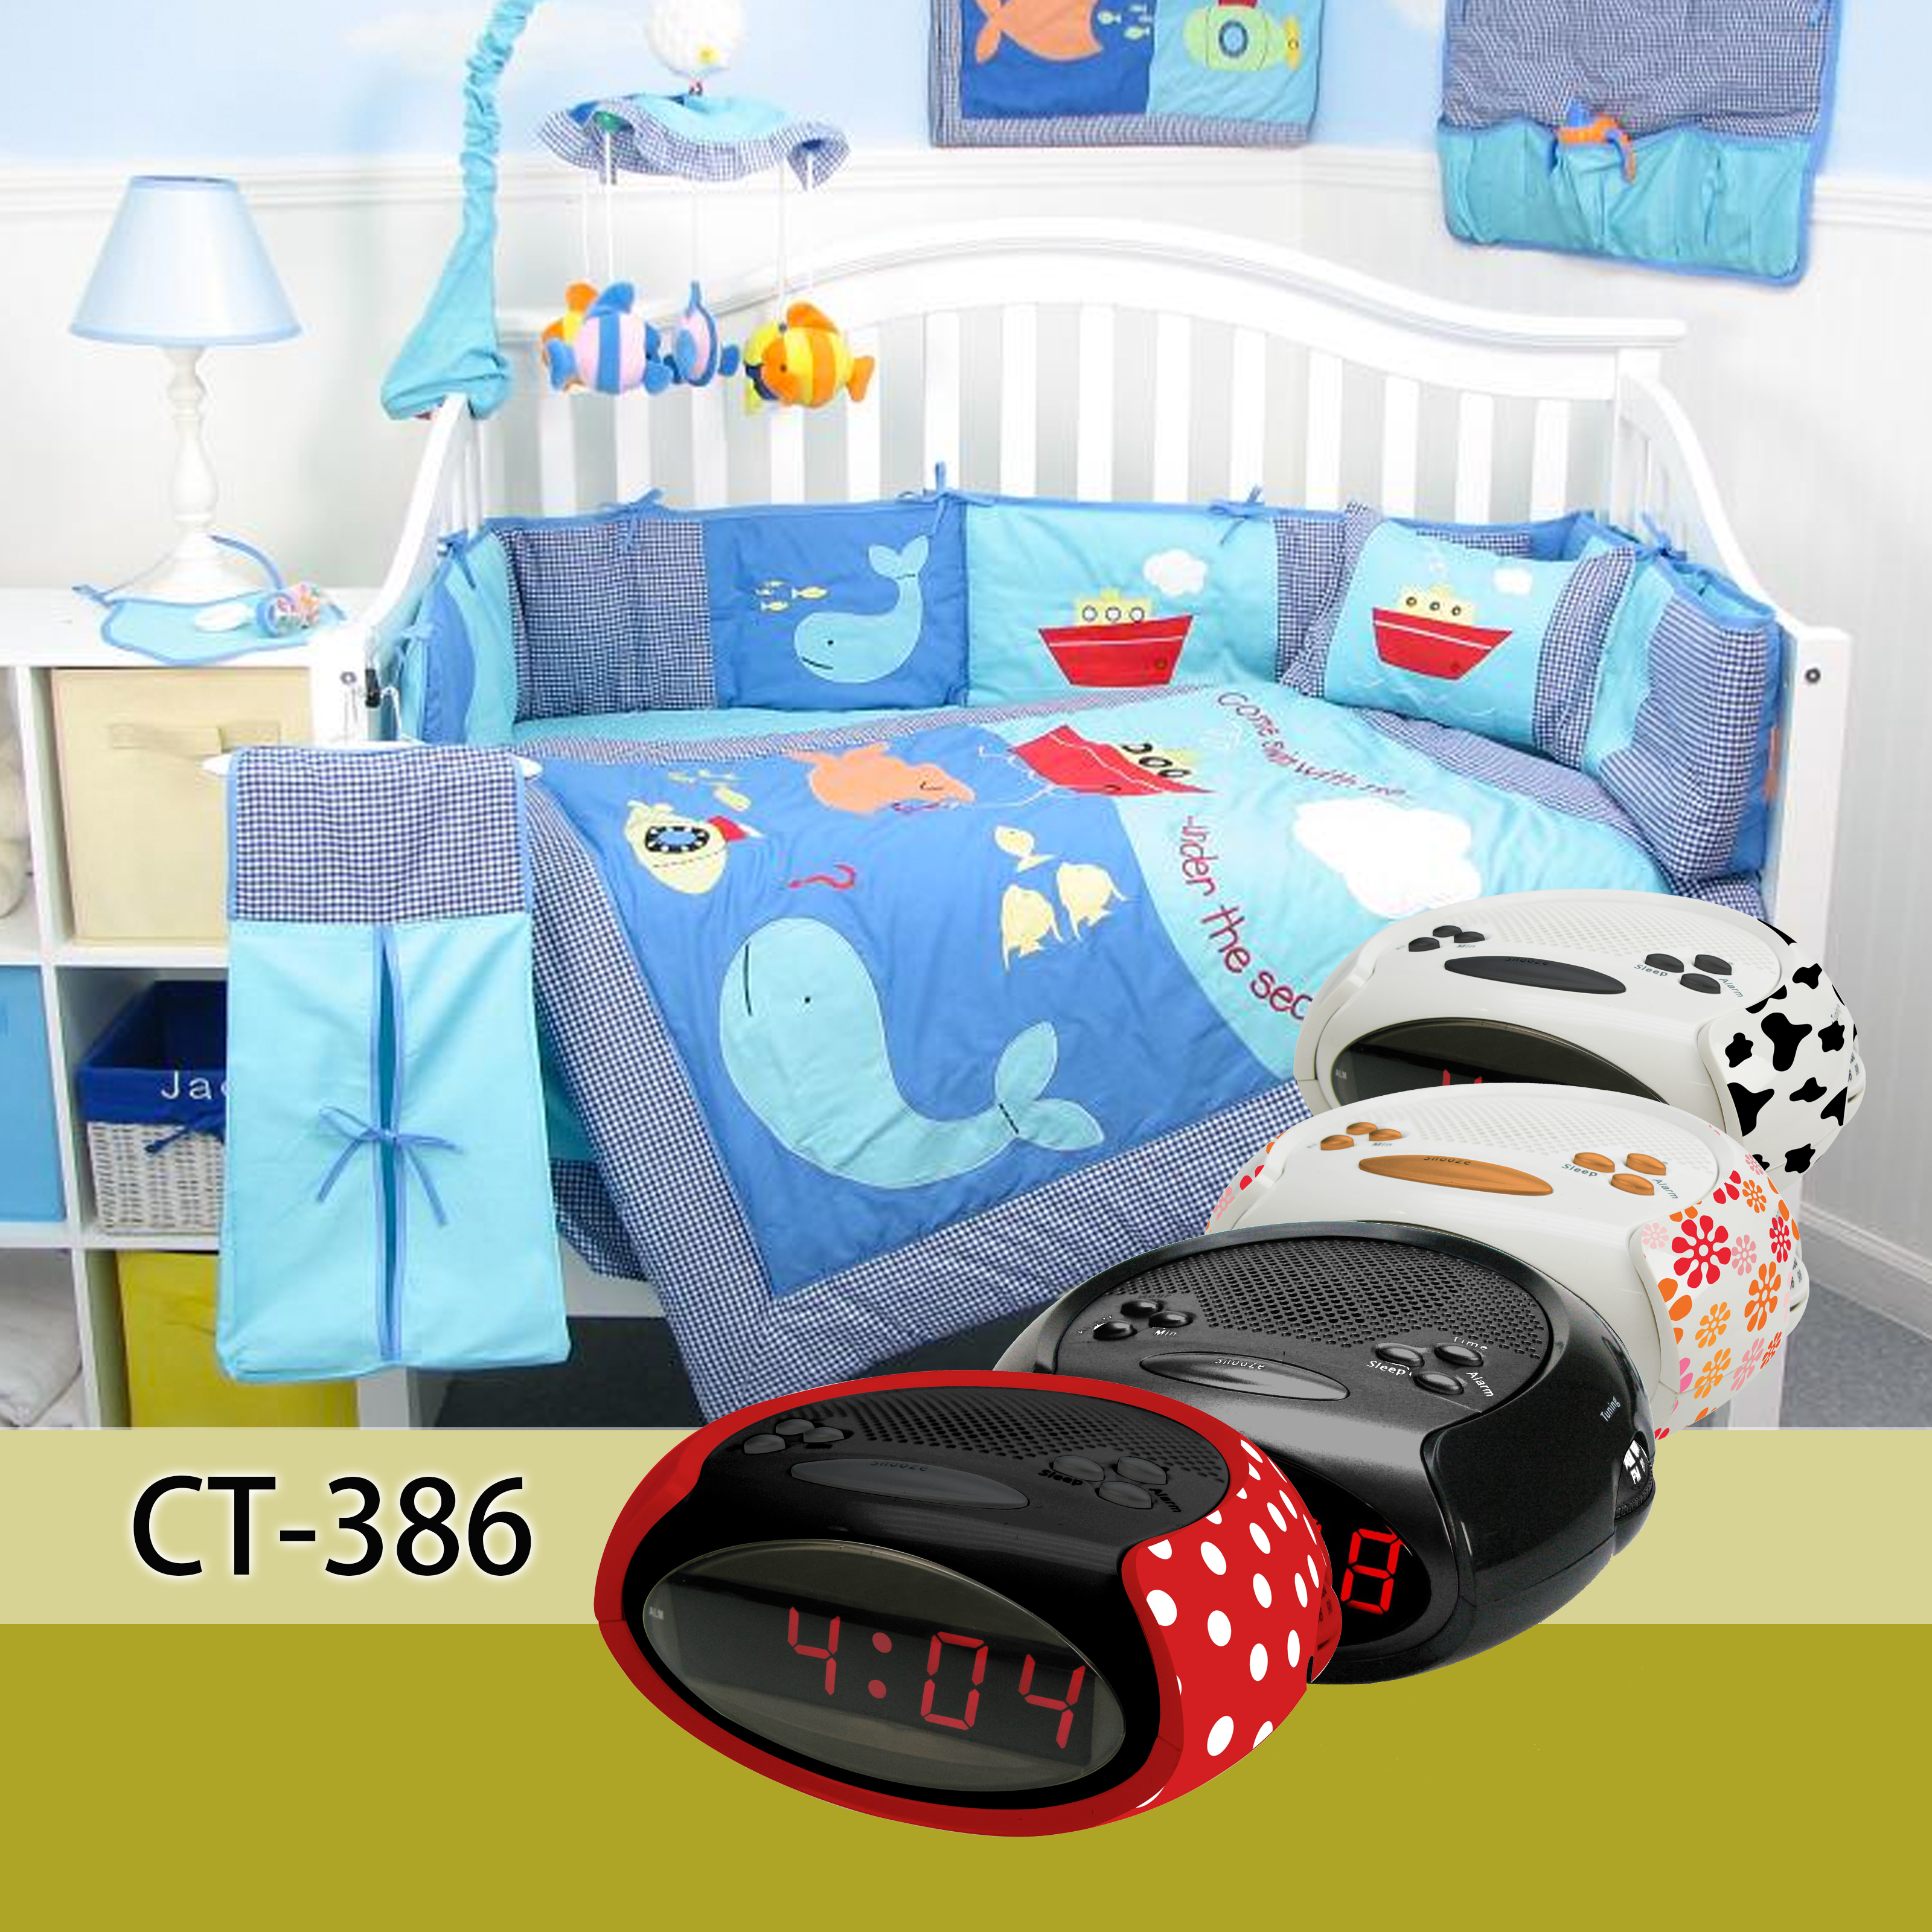 CT-386 Baby Bedroom.jpg